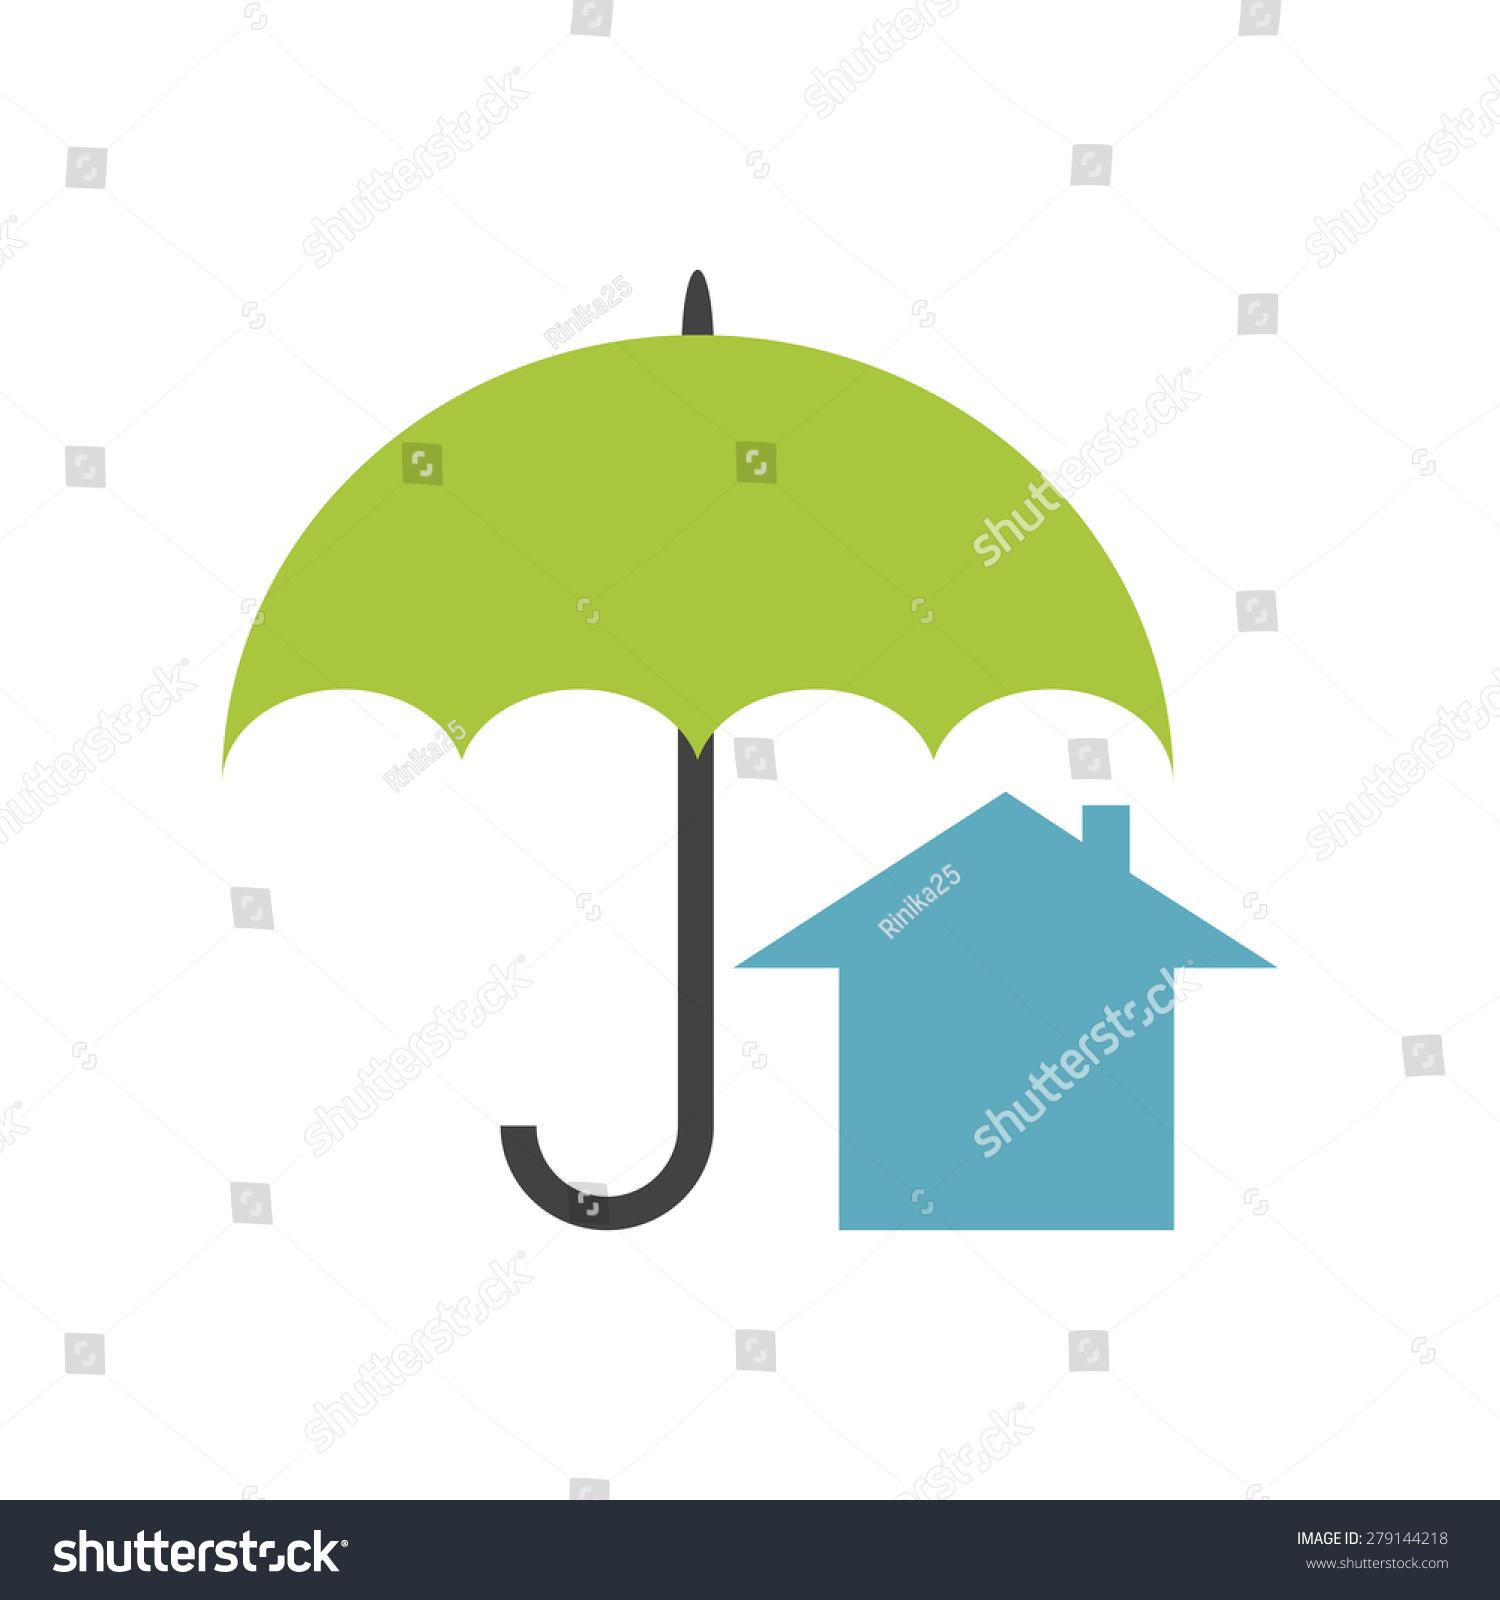 房地产安全.青瓦台保护绿色的雨伞-建筑物/地标,符号